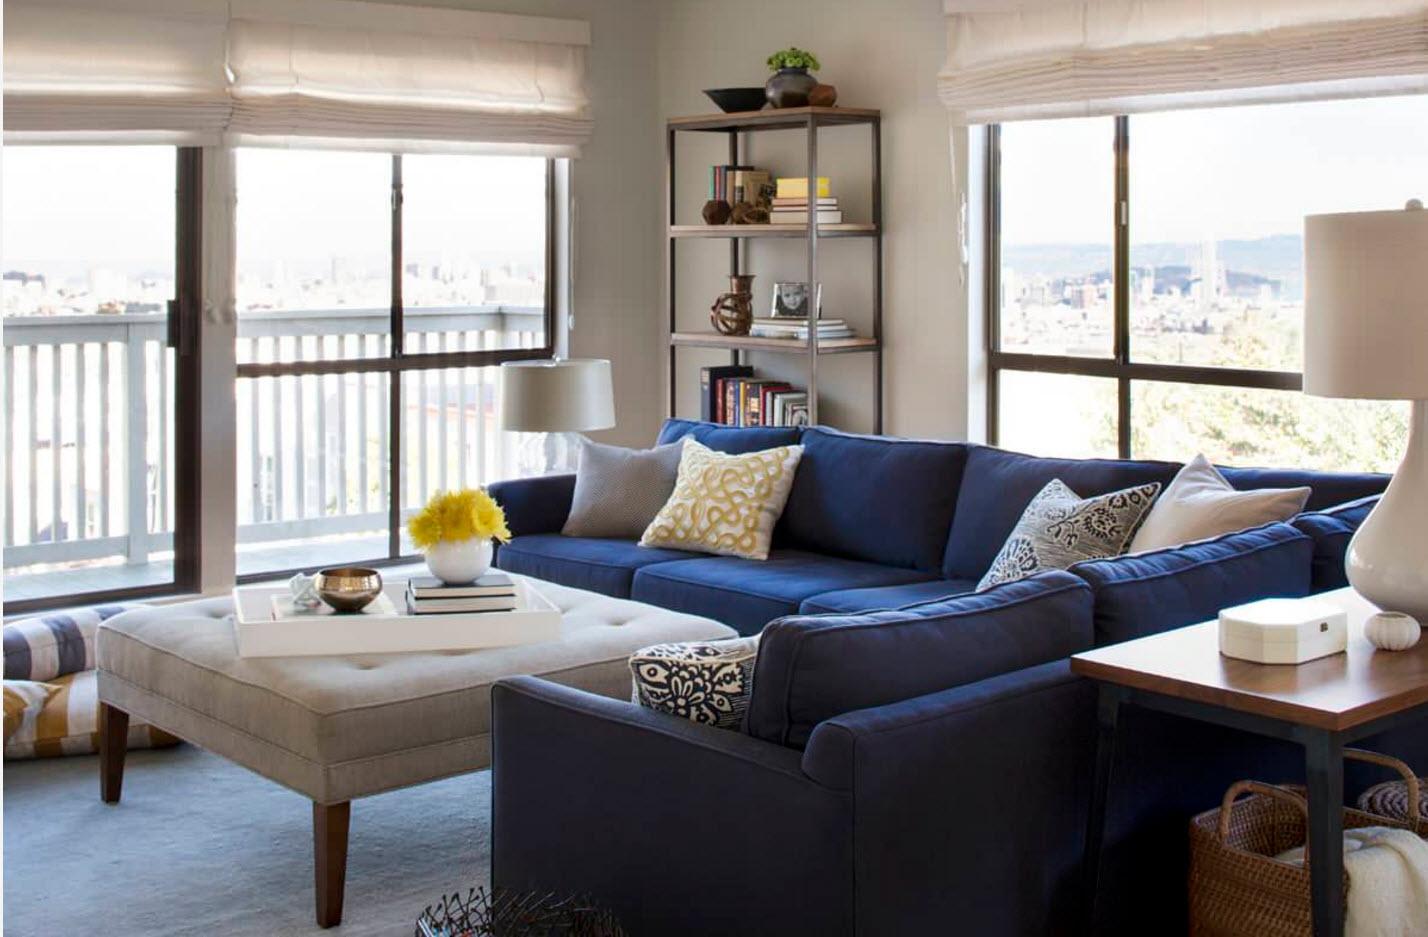 Угловой диван - цветовой акцент